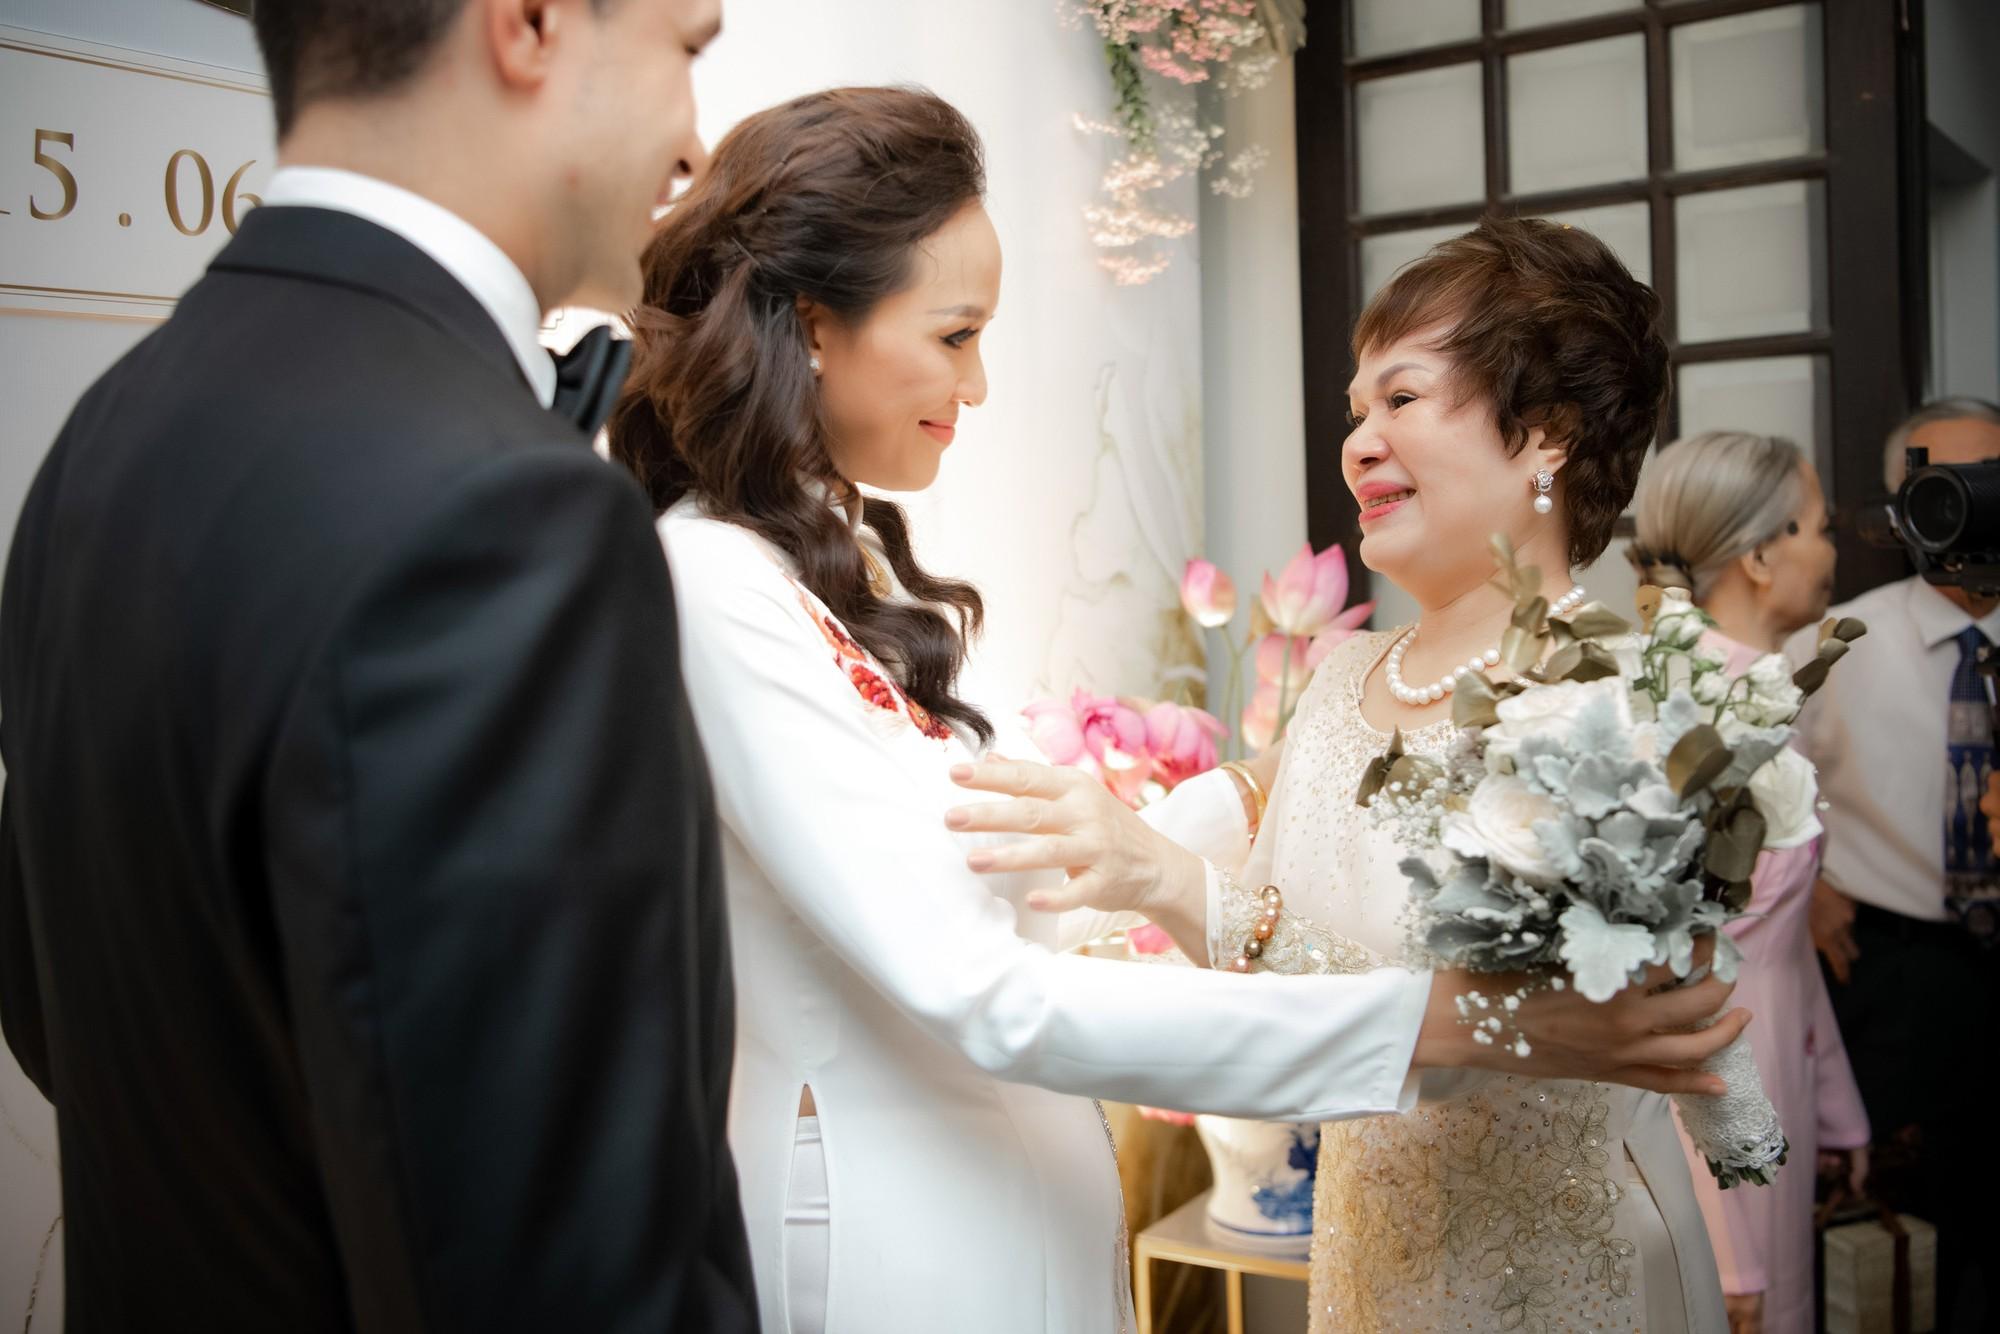 Toàn cảnh lễ đón dâu tại nhà phố cổ của siêu mẫu Phương Mai: Chú rể xuất hiện cùng đoàn xe sang, cô dâu òa khóc ôm chặt mẹ ruột-9